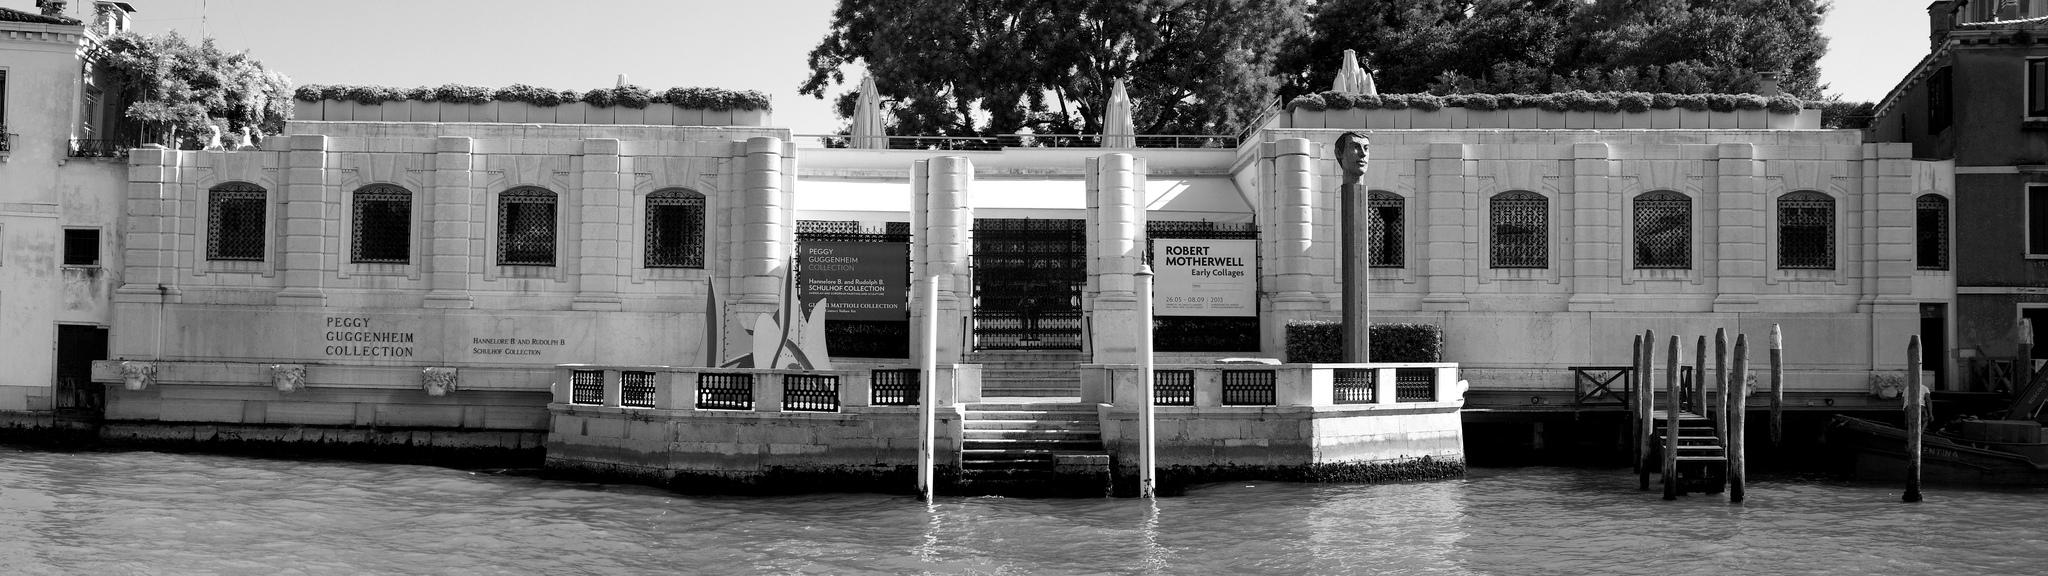 Cosa visitare a Venezia Museo Peggy Guggenheim bianco e nero